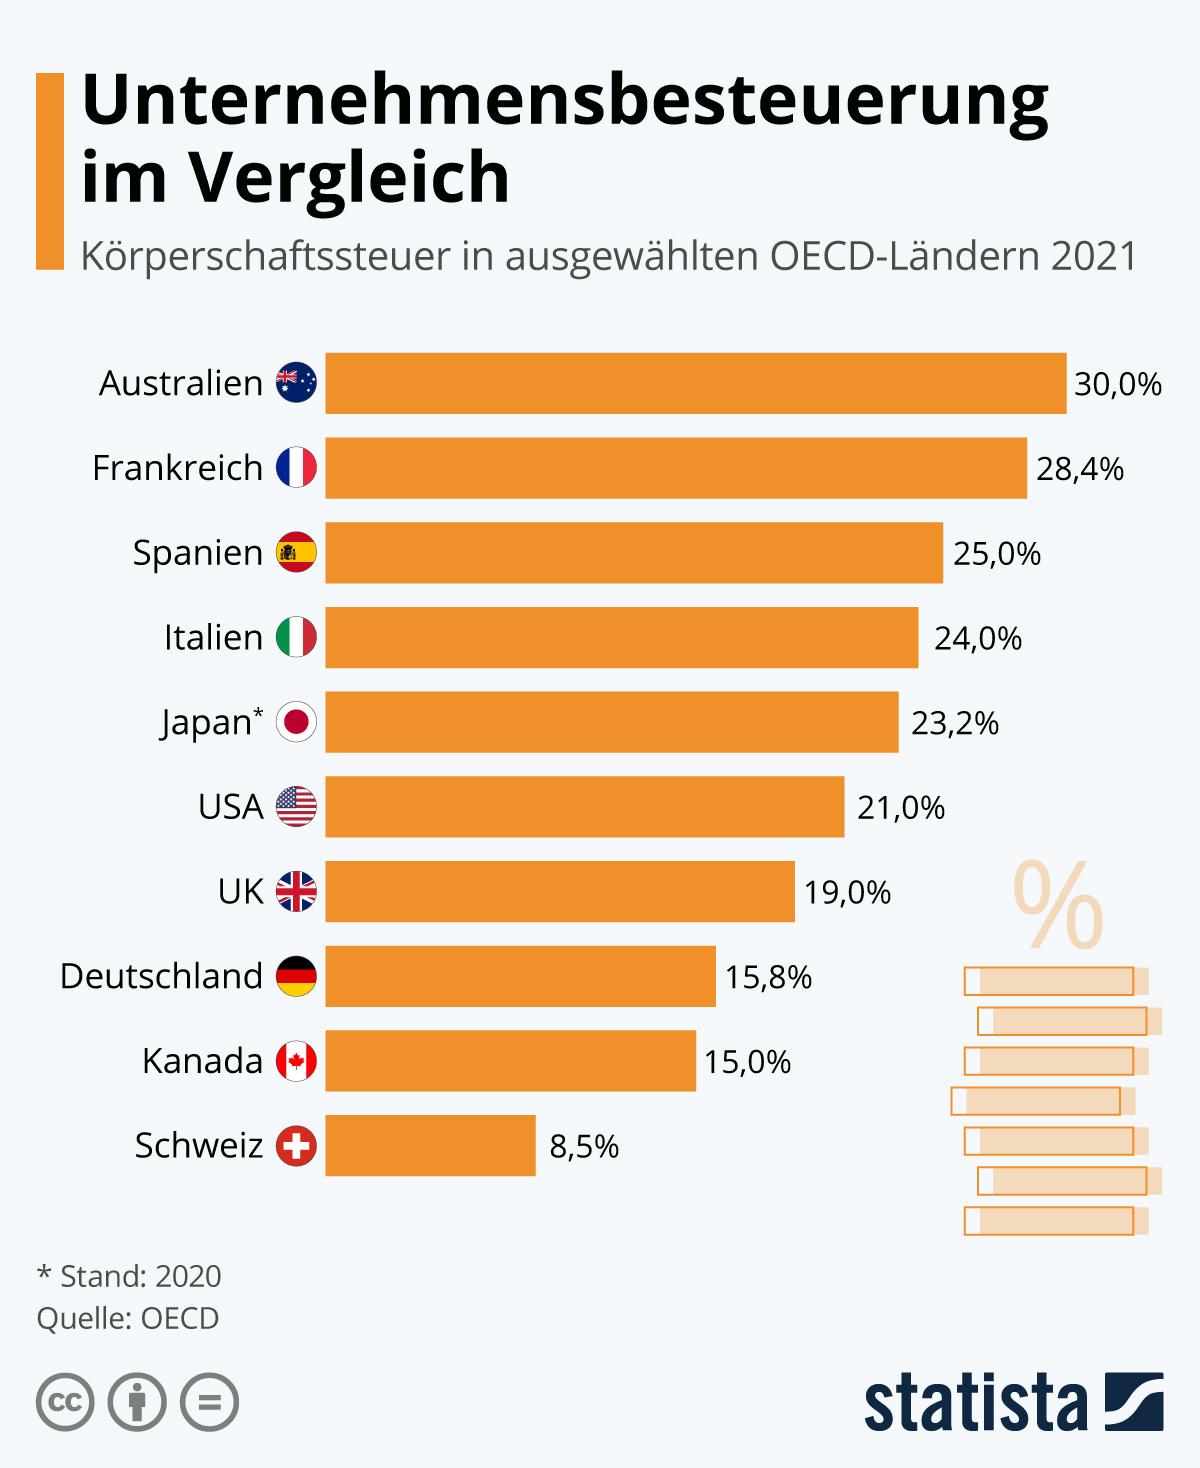 Infografik: Unternehmensbesteuerung im Vergleich | Statista